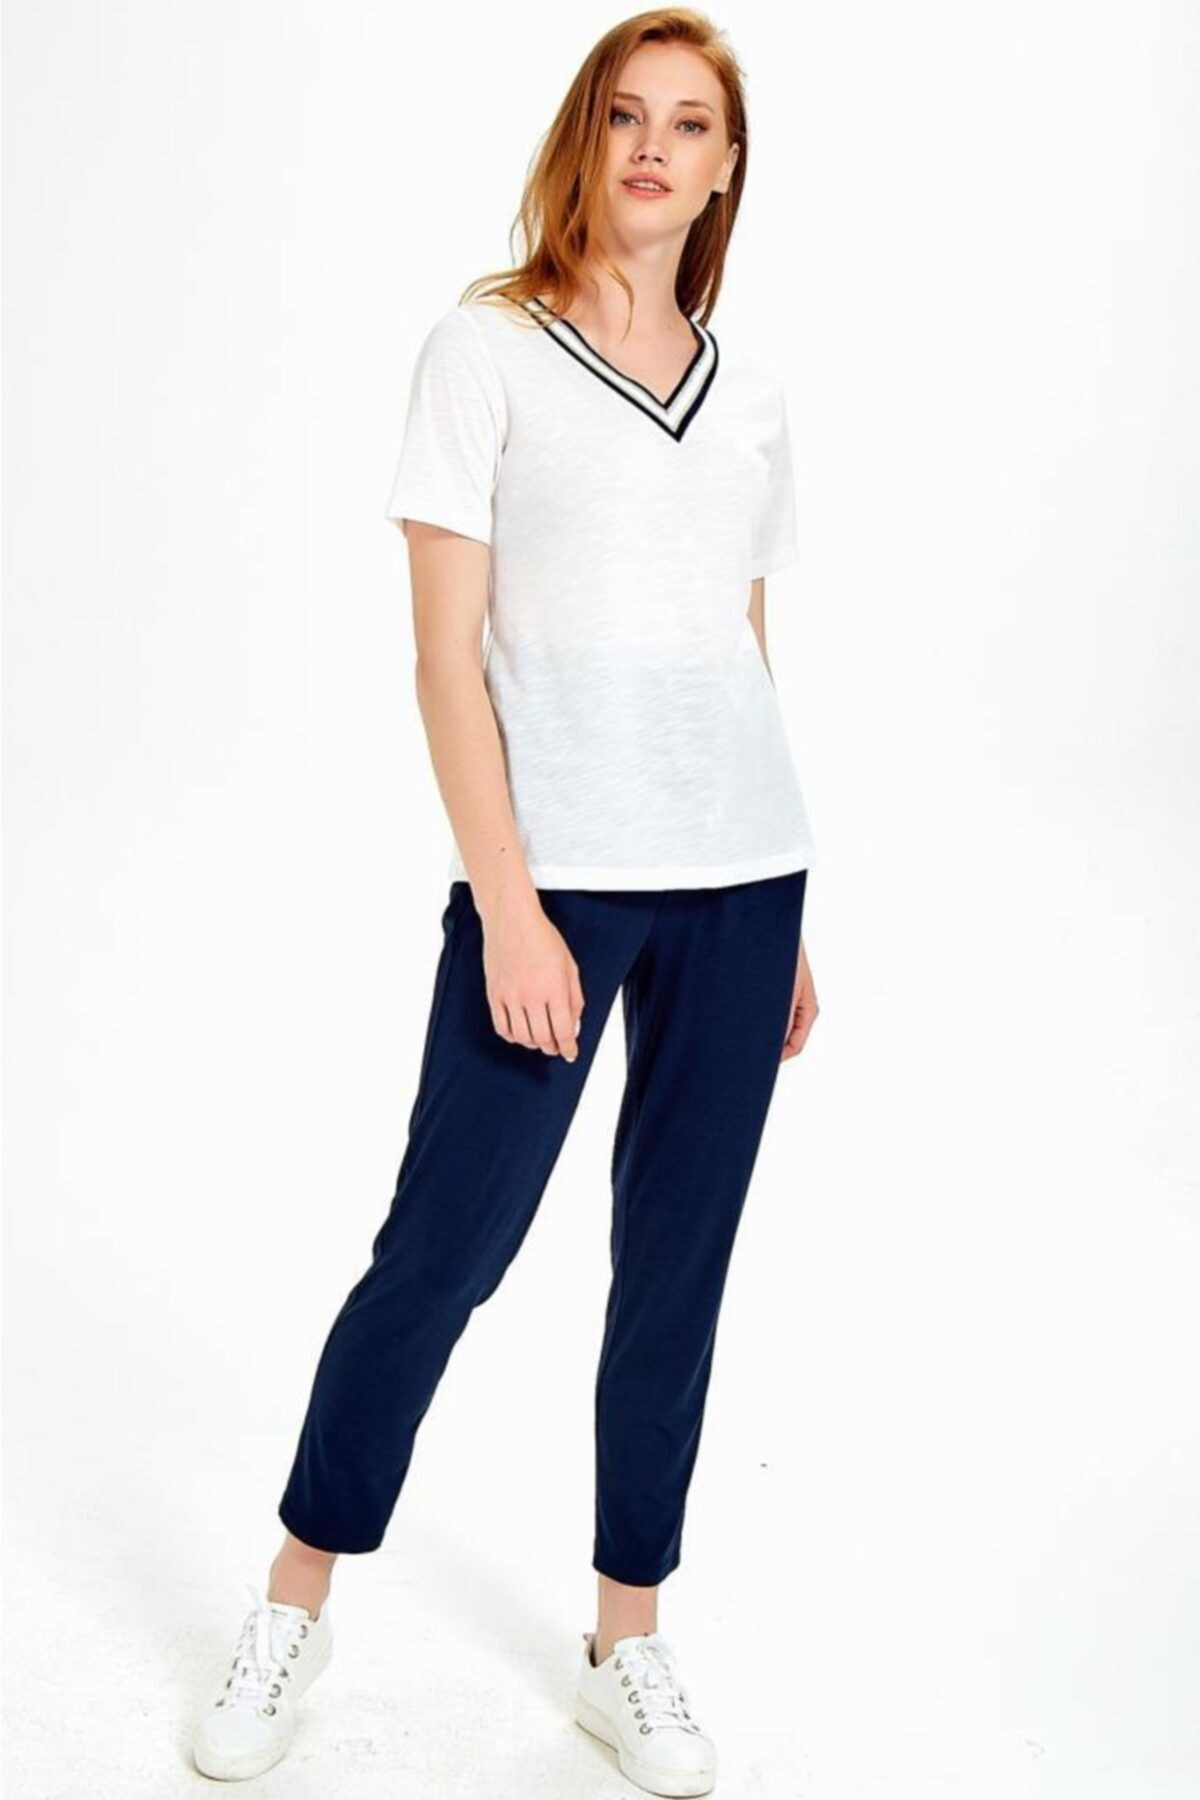 İKİLER Kadın Kırık Beyaz Yakası Sim Bantlı Kısa Kol Flam Bluz 2